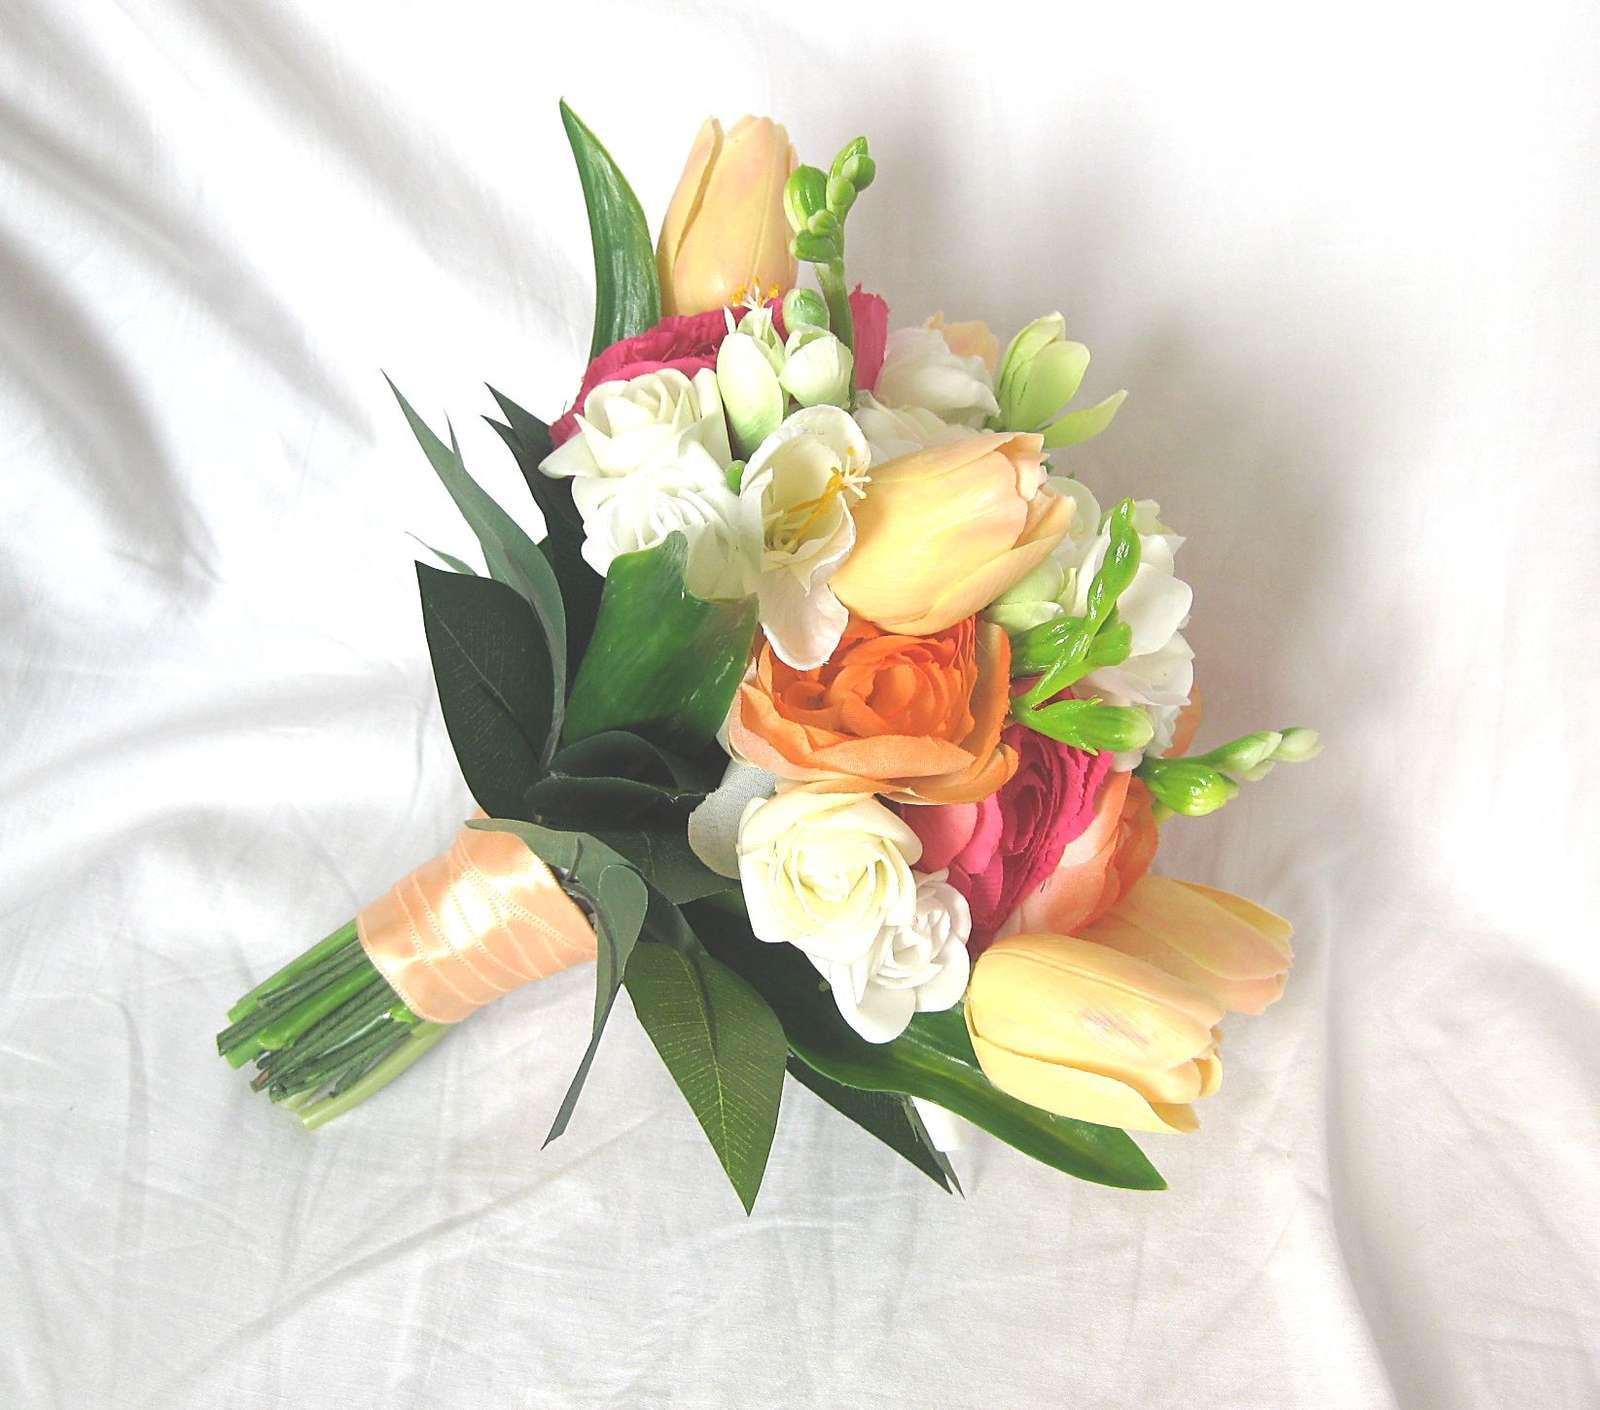 Svatební kytice - tulipán, ranunculus, frézie - Obrázek č. 3